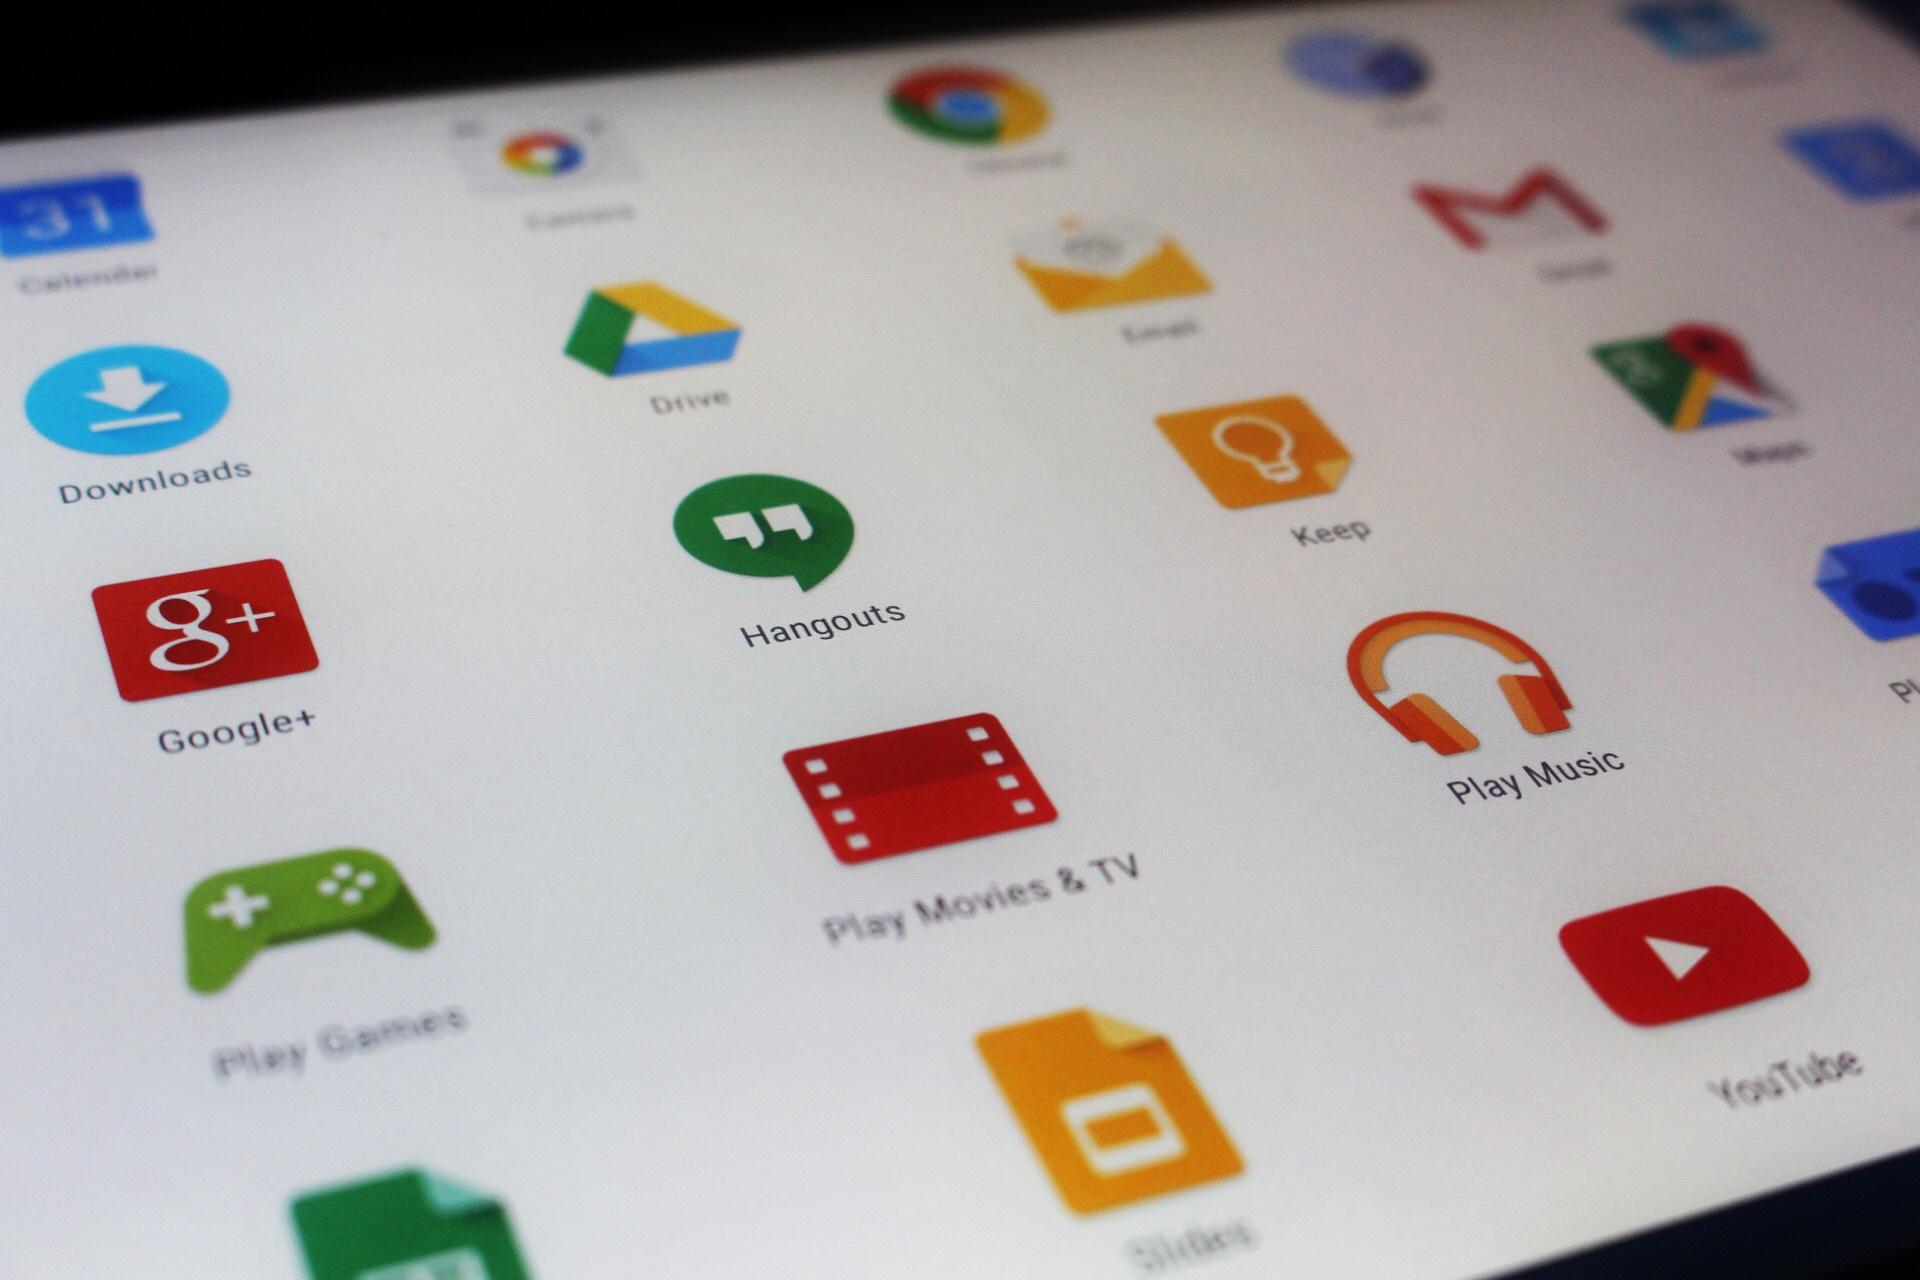 MIT App Inventor Curriculum Update